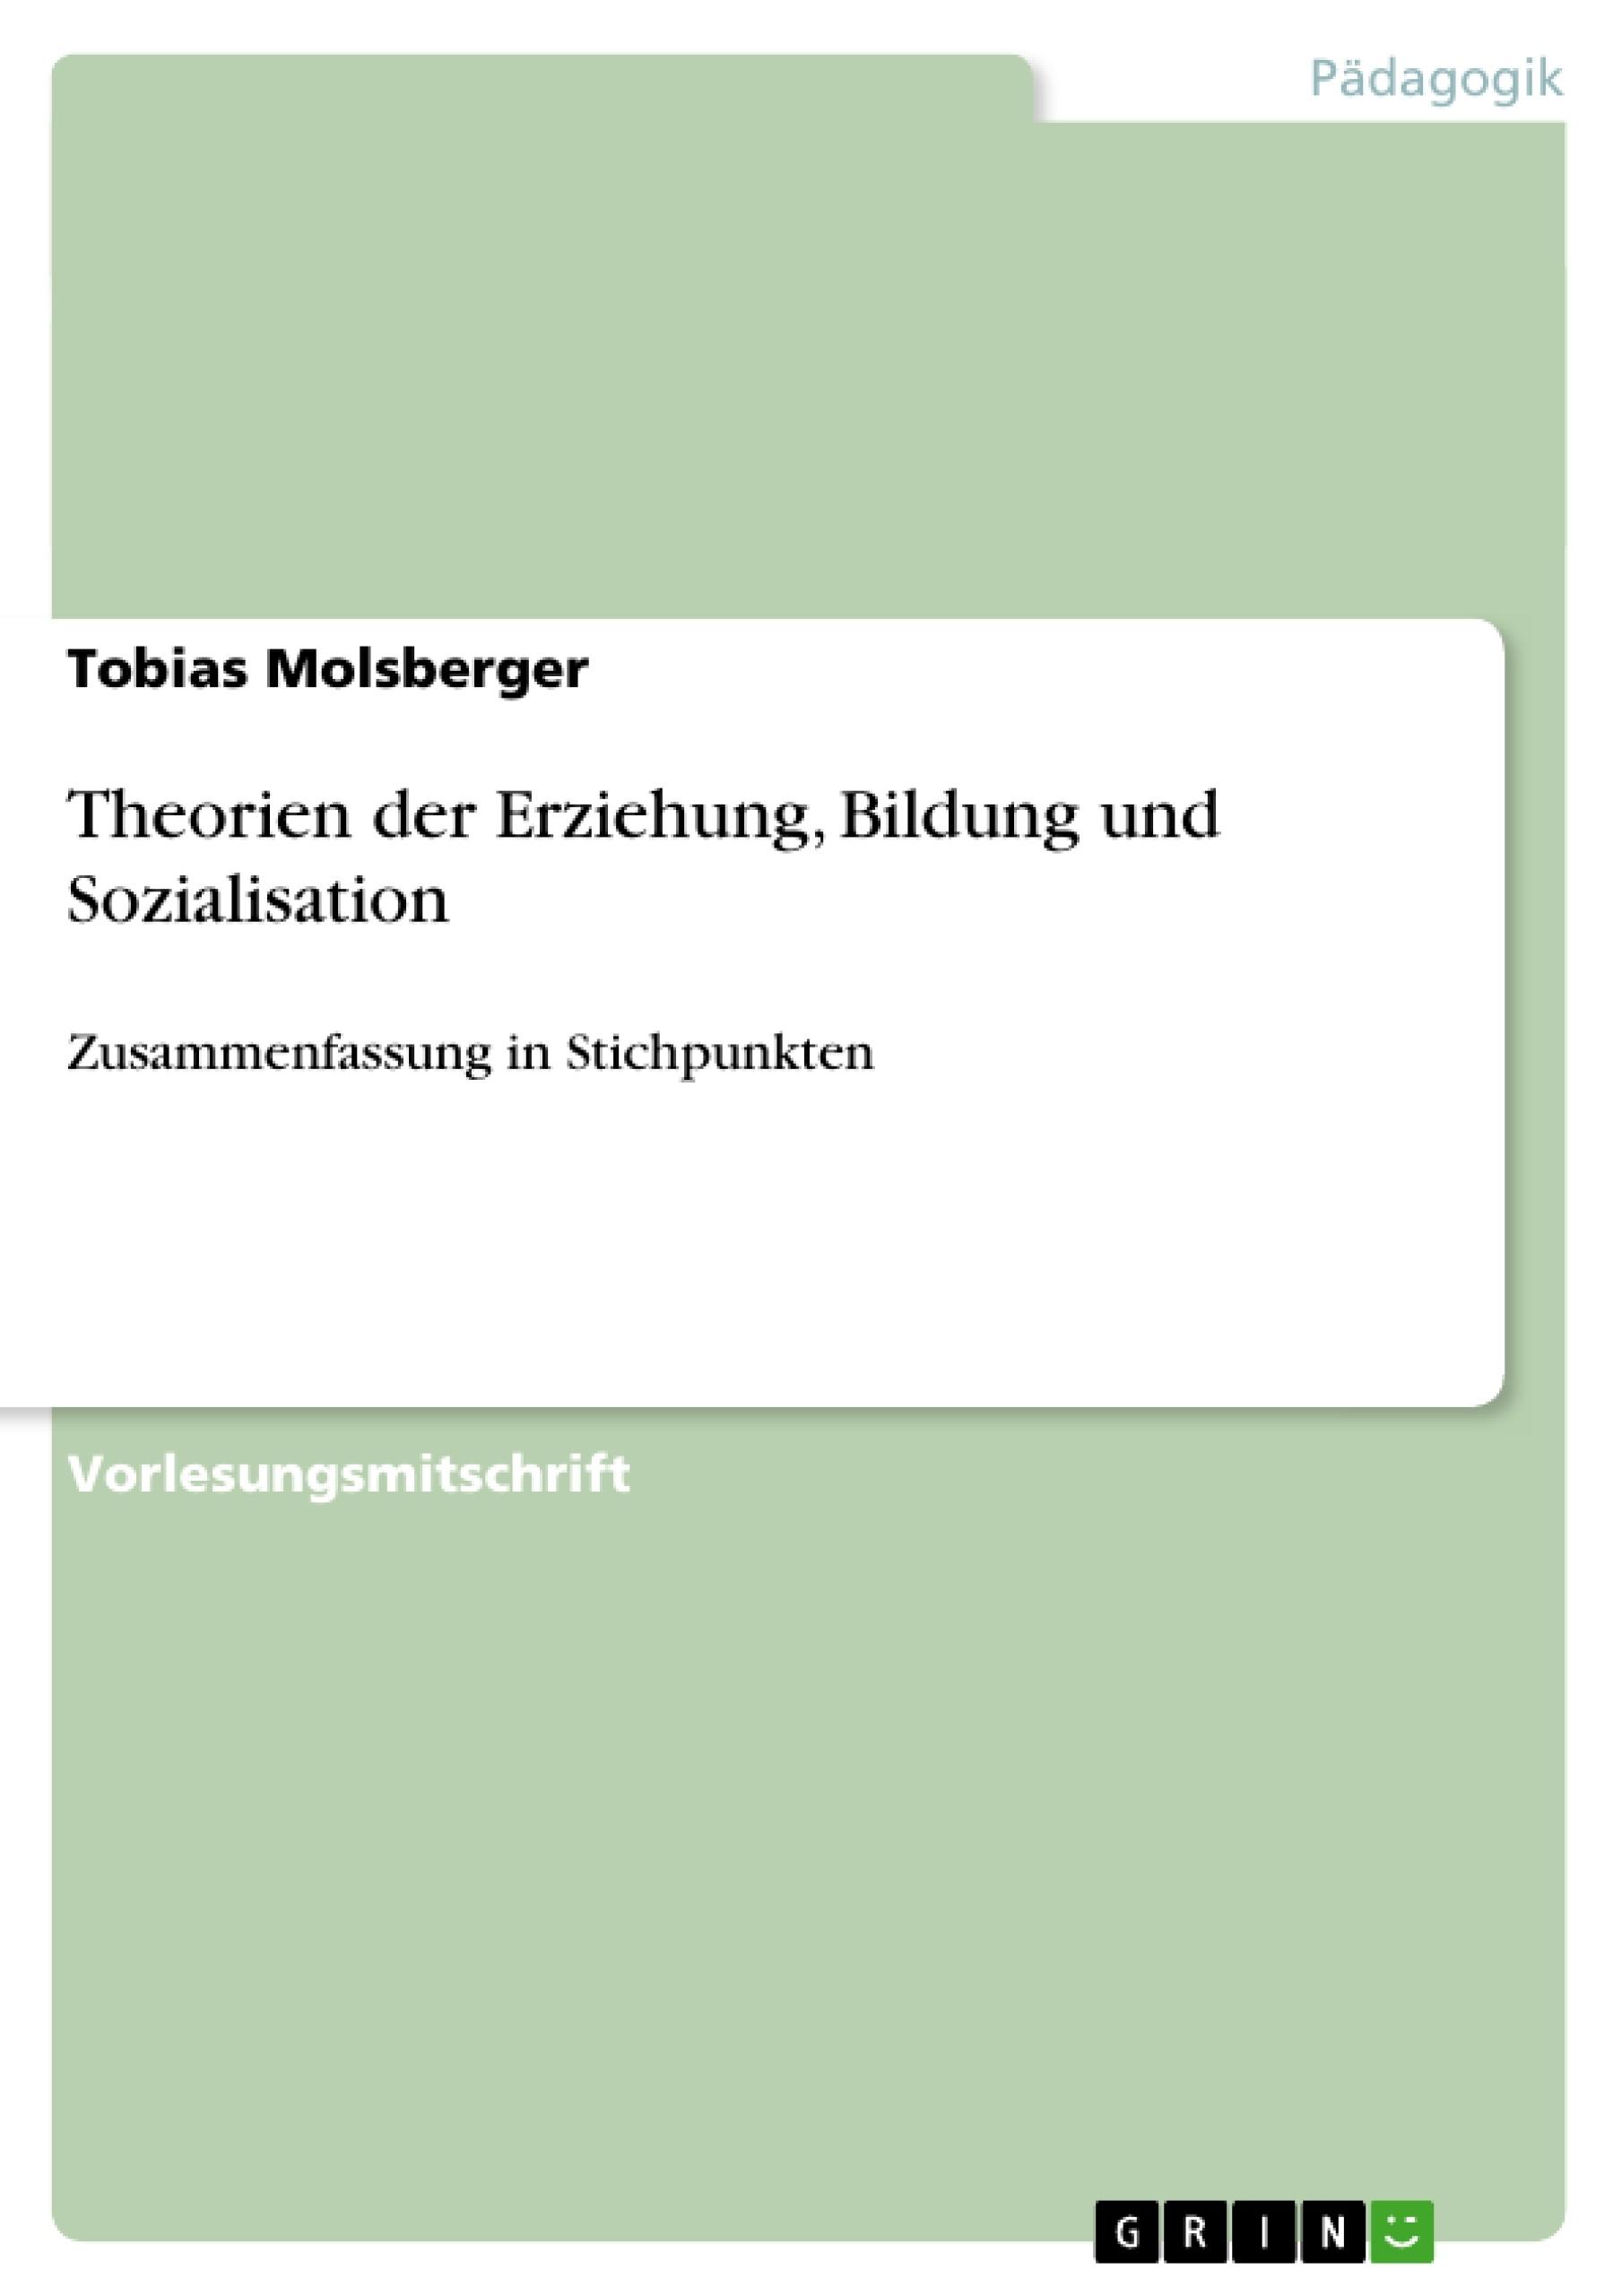 Titel: Theorien der Erziehung, Bildung und Sozialisation